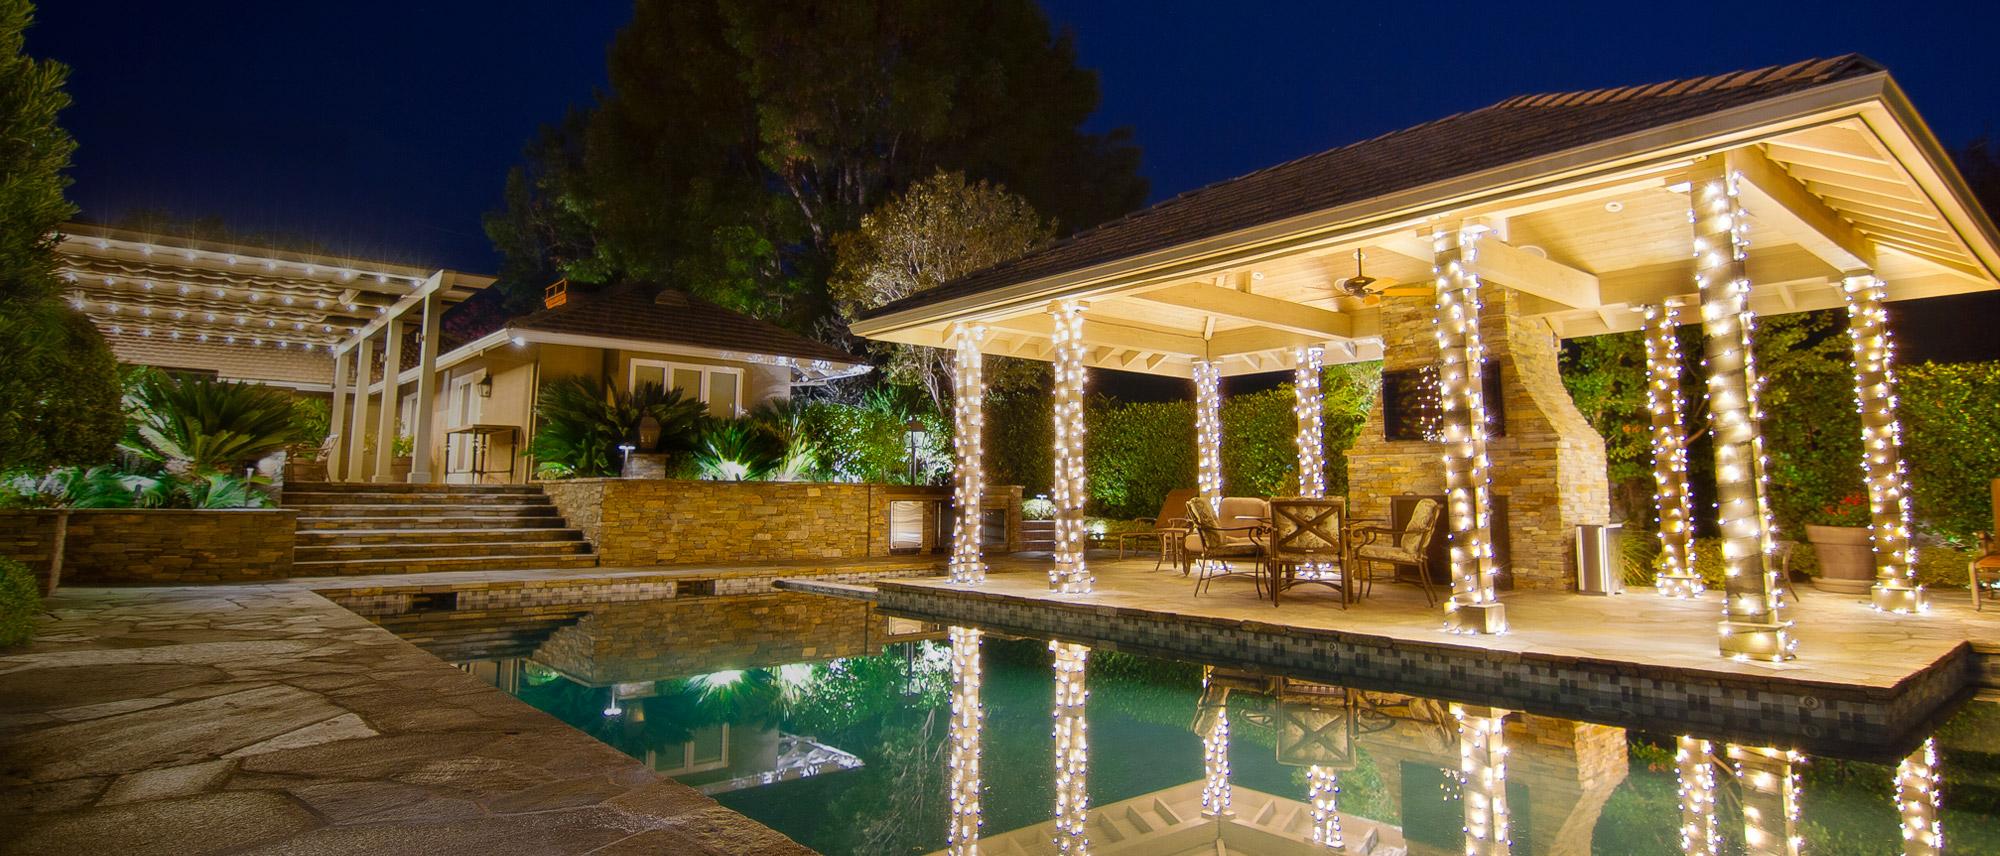 Landscape Lighting for Pools